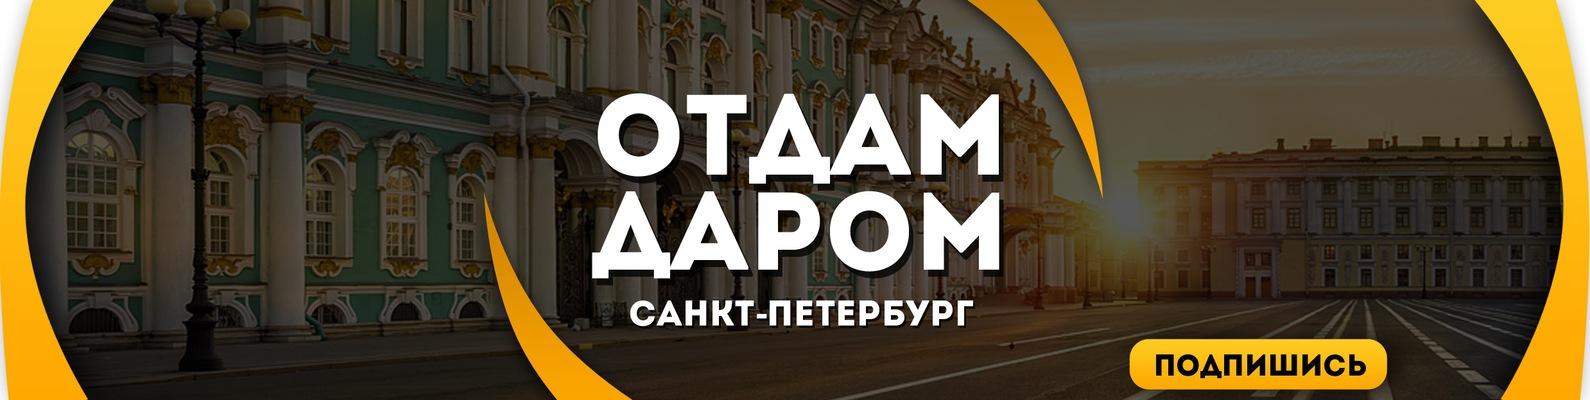 Таролог из Битвы экстрасенсов Александр Кинжинов